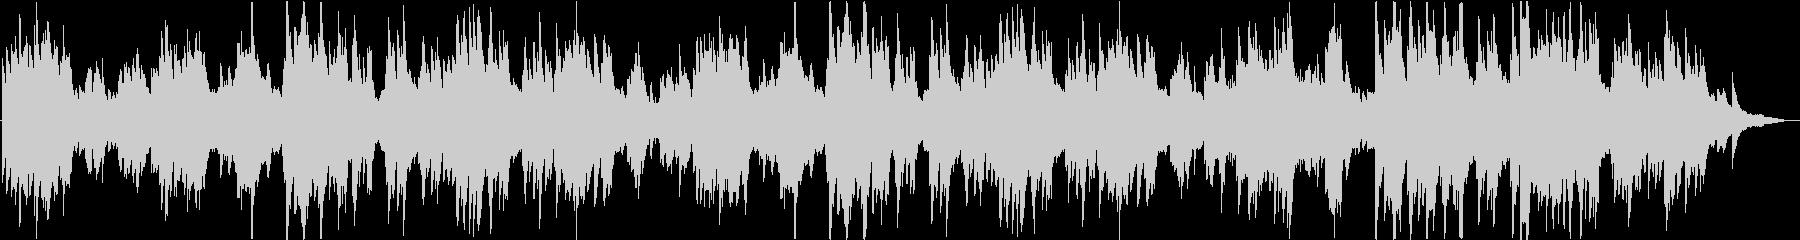 ウエスタン6のイントロ。シンセベー...の未再生の波形